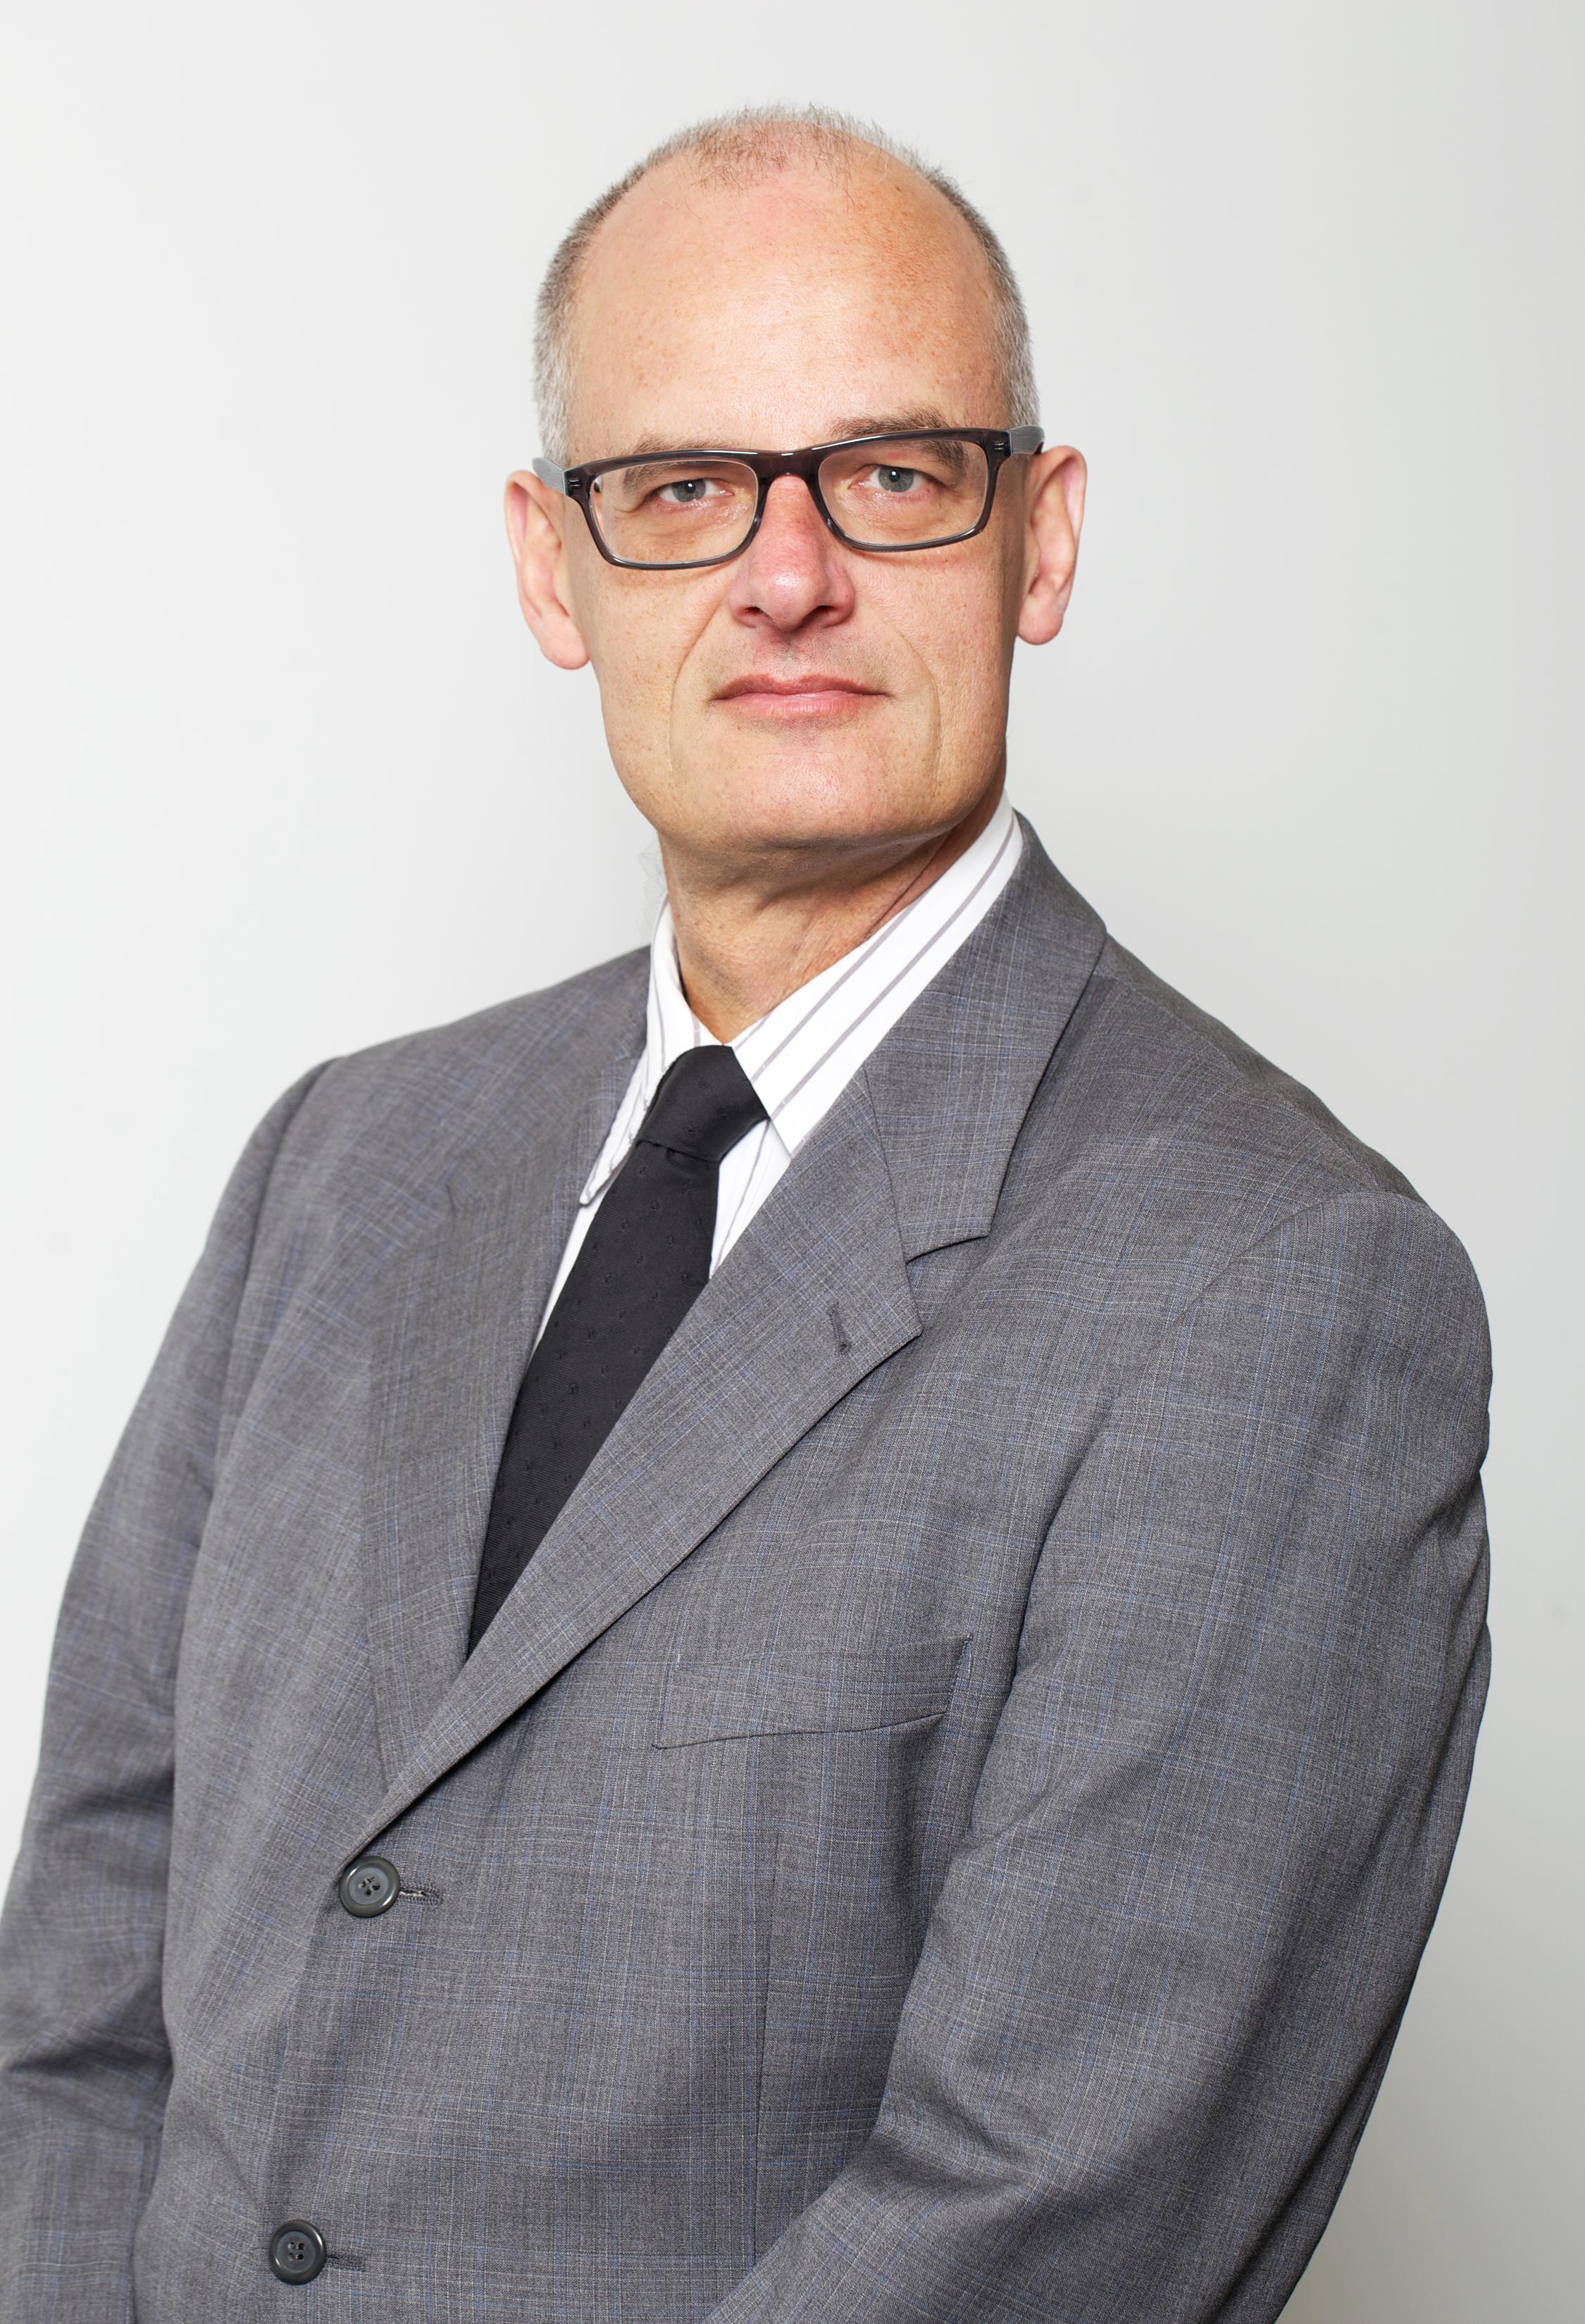 Michael Hines,   BA Hons, LLB, LLM